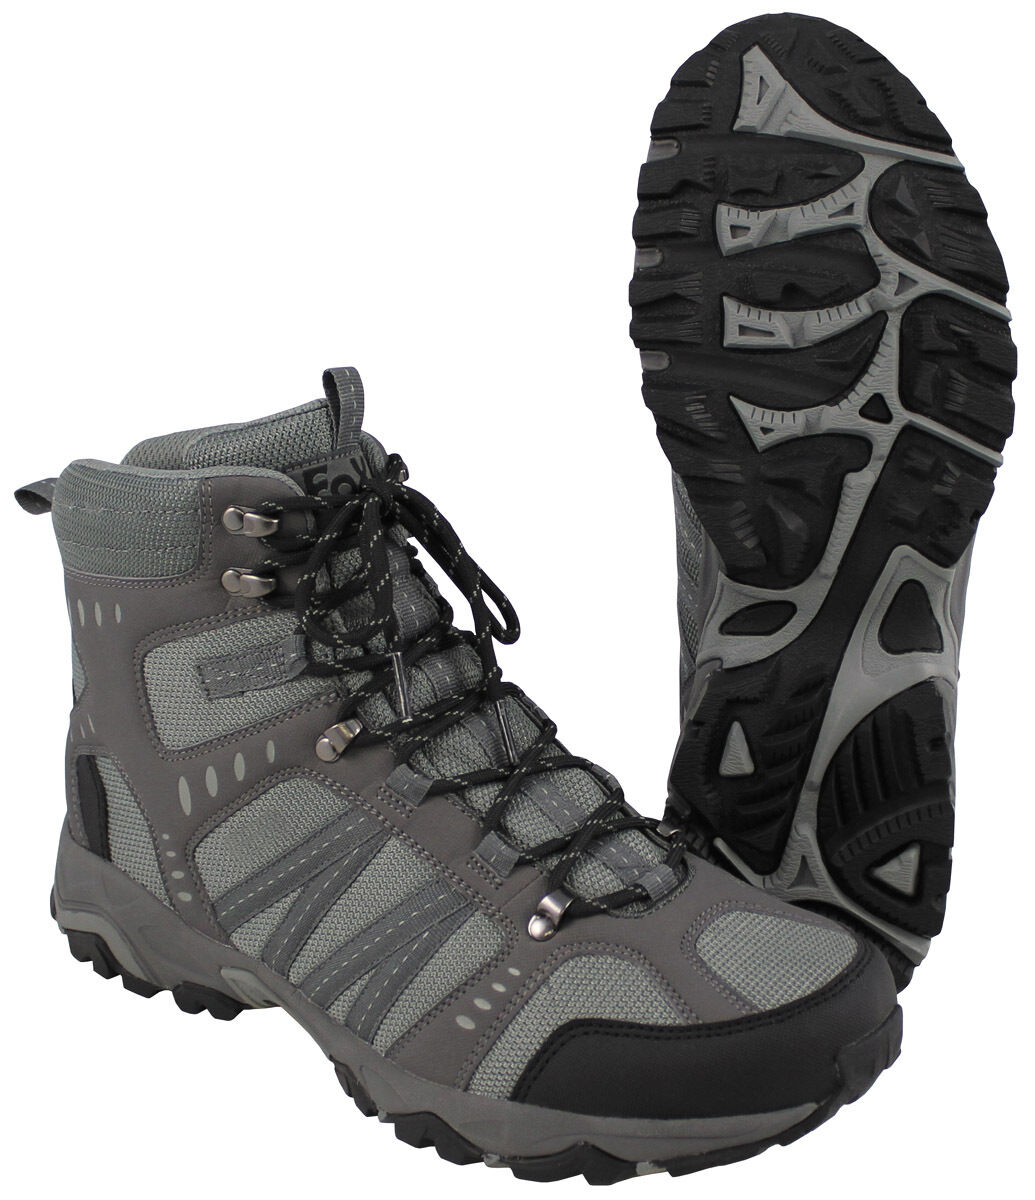 MFH Trekking-Schuhe Mountain High Laufschuhe Trekkingschuhe Halbschuhe 39-46